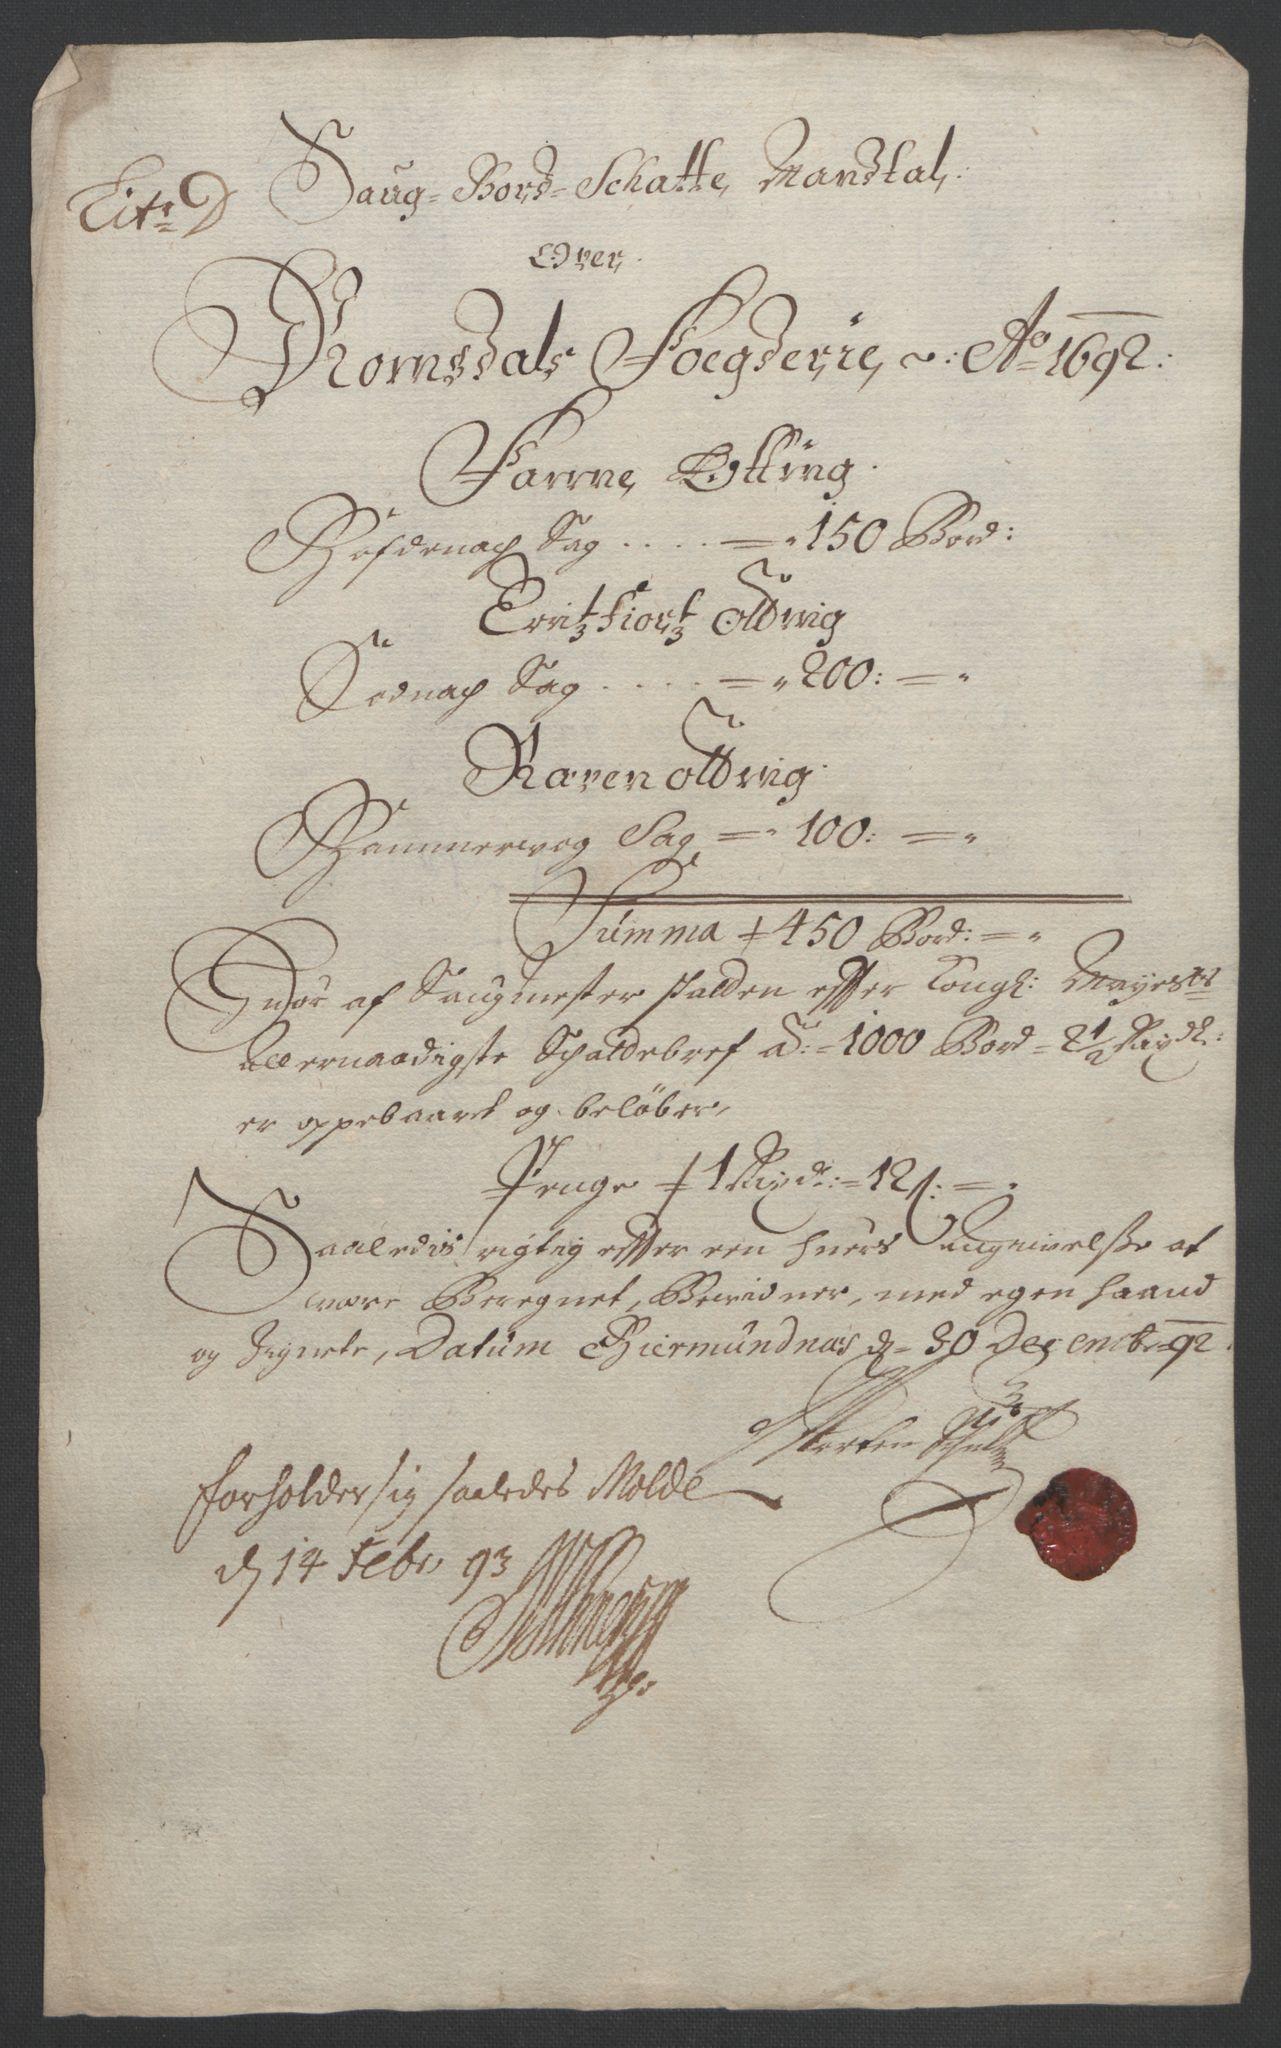 RA, Rentekammeret inntil 1814, Reviderte regnskaper, Fogderegnskap, R55/L3650: Fogderegnskap Romsdal, 1692, s. 76